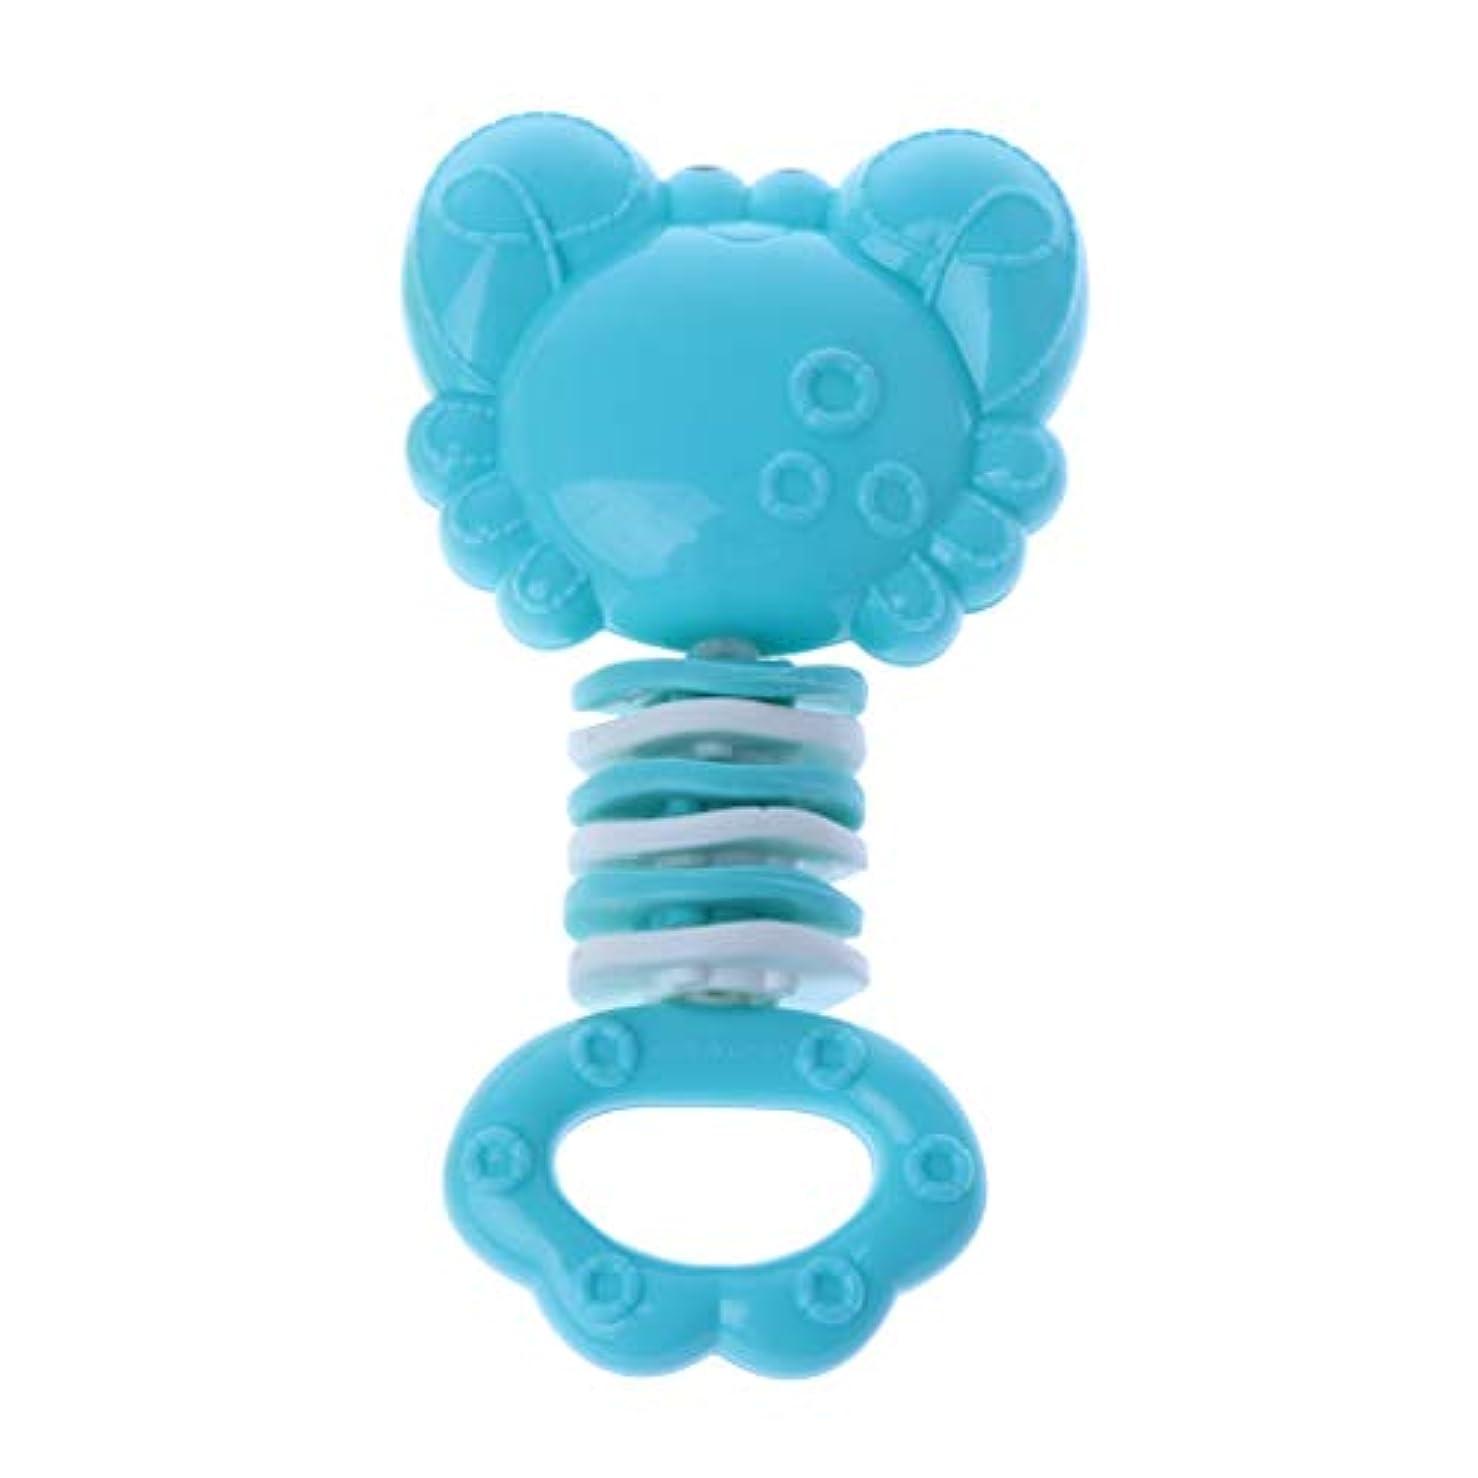 面倒結核防ぐLanddumシリコーン歯が生える癒しのおもちゃ赤ちゃんのおしゃぶりスティック固体の歯の赤ちゃんのガラガラのおしゃぶり玩具グッタ臼歯バーベル - カニ